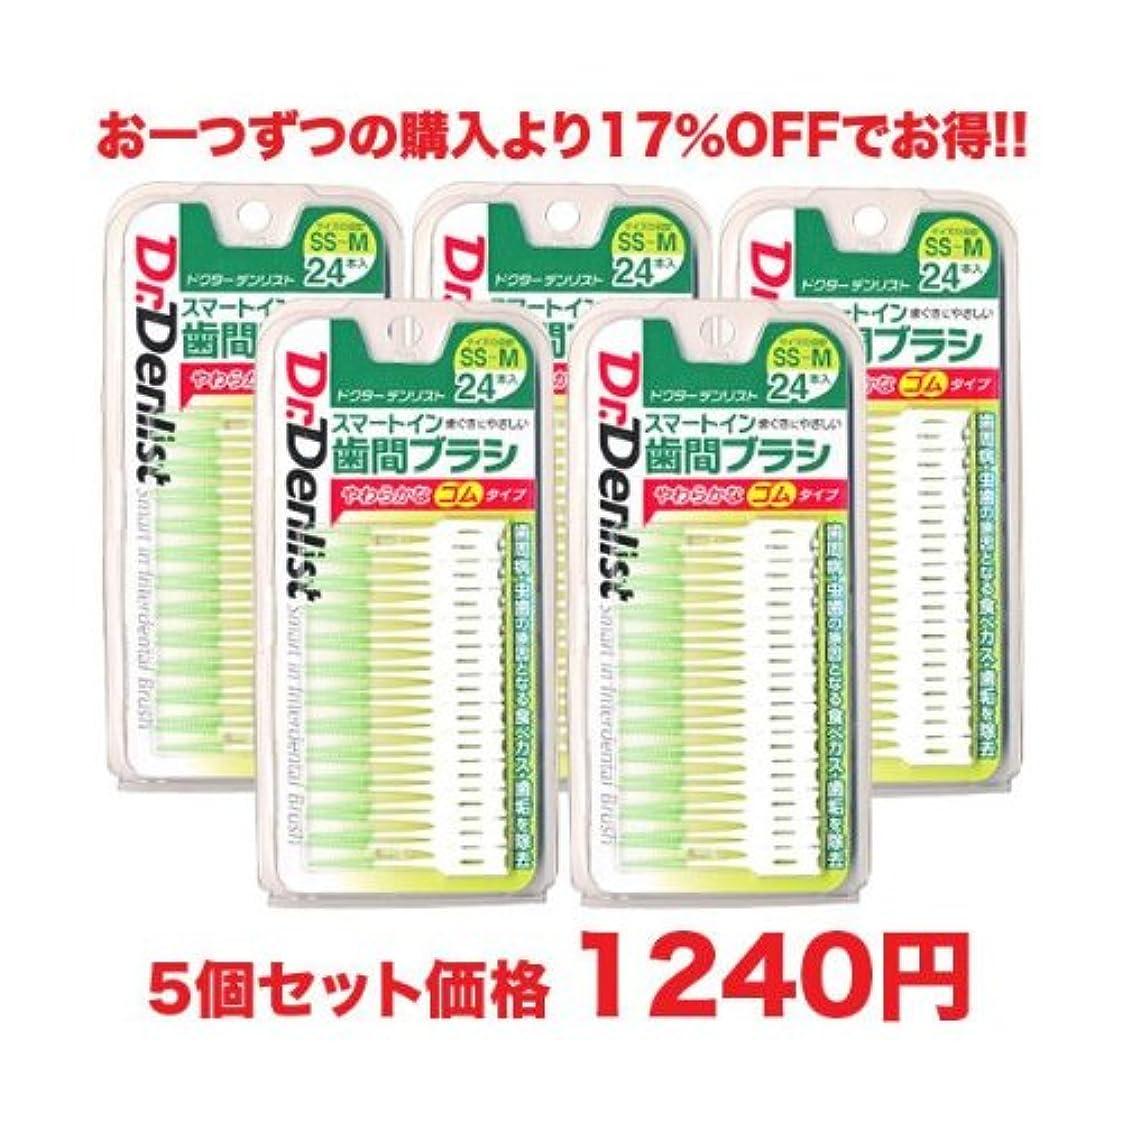 意味するチョップアウター歯間ブラシ スマートイン やわらか歯間ブラシ サイズSS~M 24本入 5個セット ★やわらかなゴムタイプ